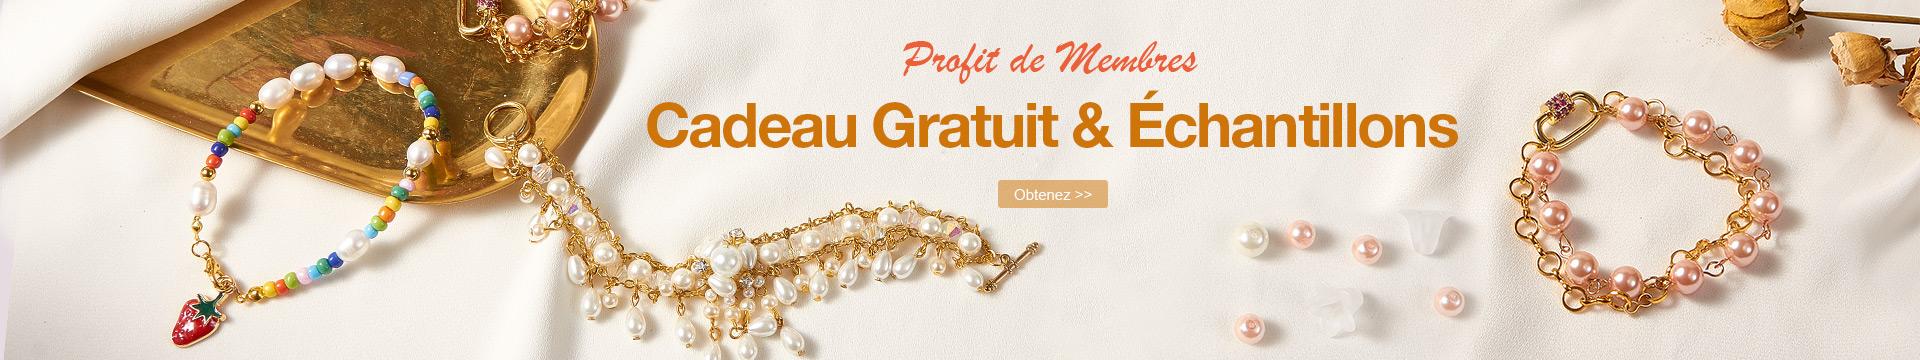 Profit de Membres Cadeau Gratuit & Échantillons